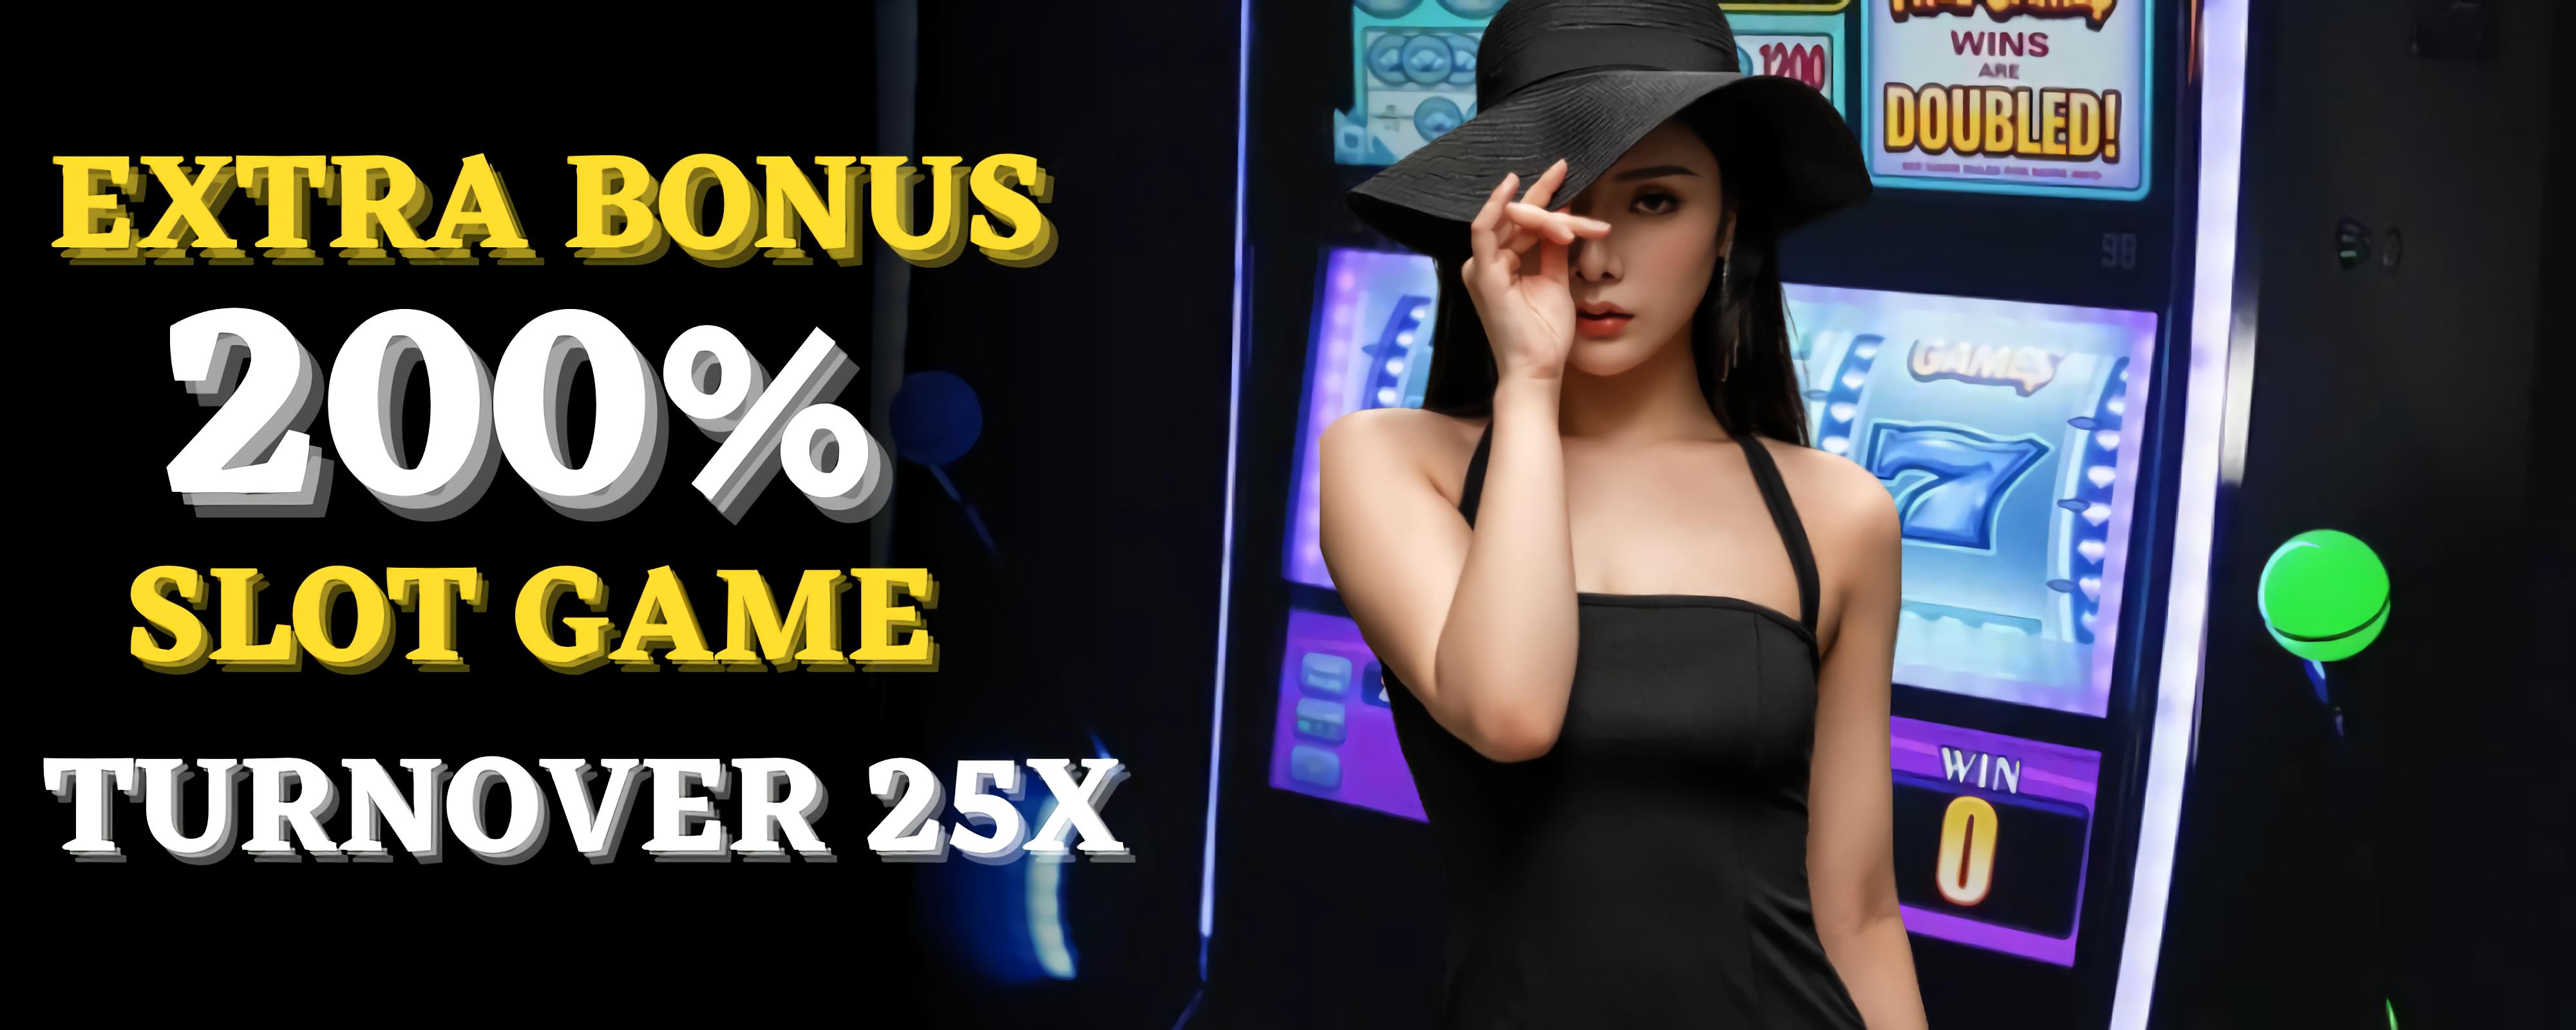 extra bonus 200 %